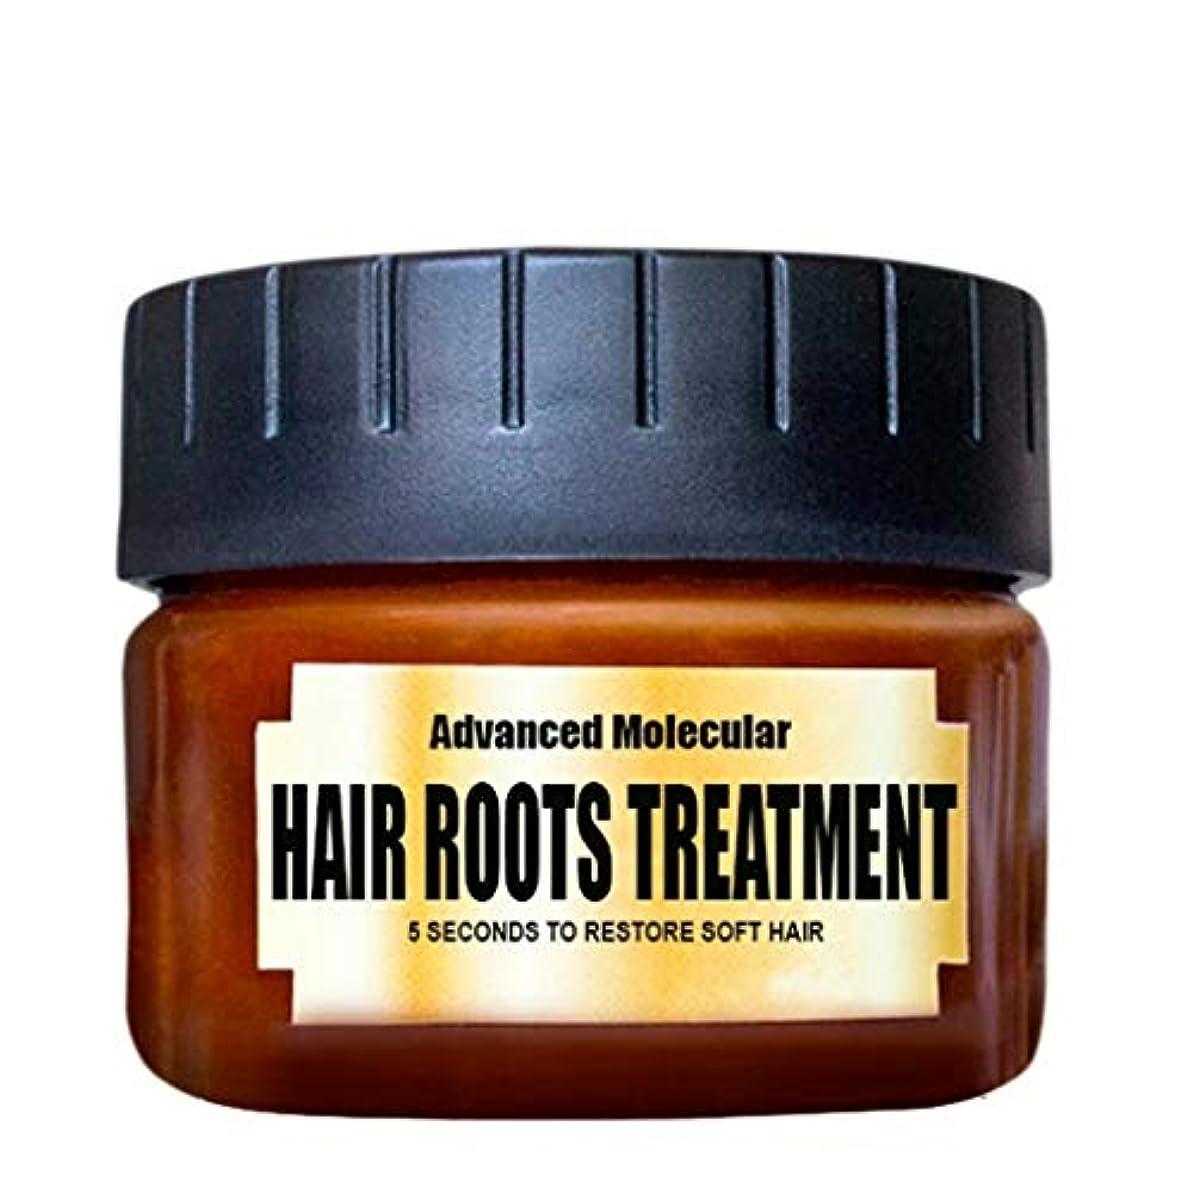 威信空気有力者DOUJI 天然植物成分 ヘアケア リッチリペア コンディショナー60ml コンディショナー 髪の解毒ヘアマスク高度な分子毛根治療回復エクストラダメージケア トリートメント